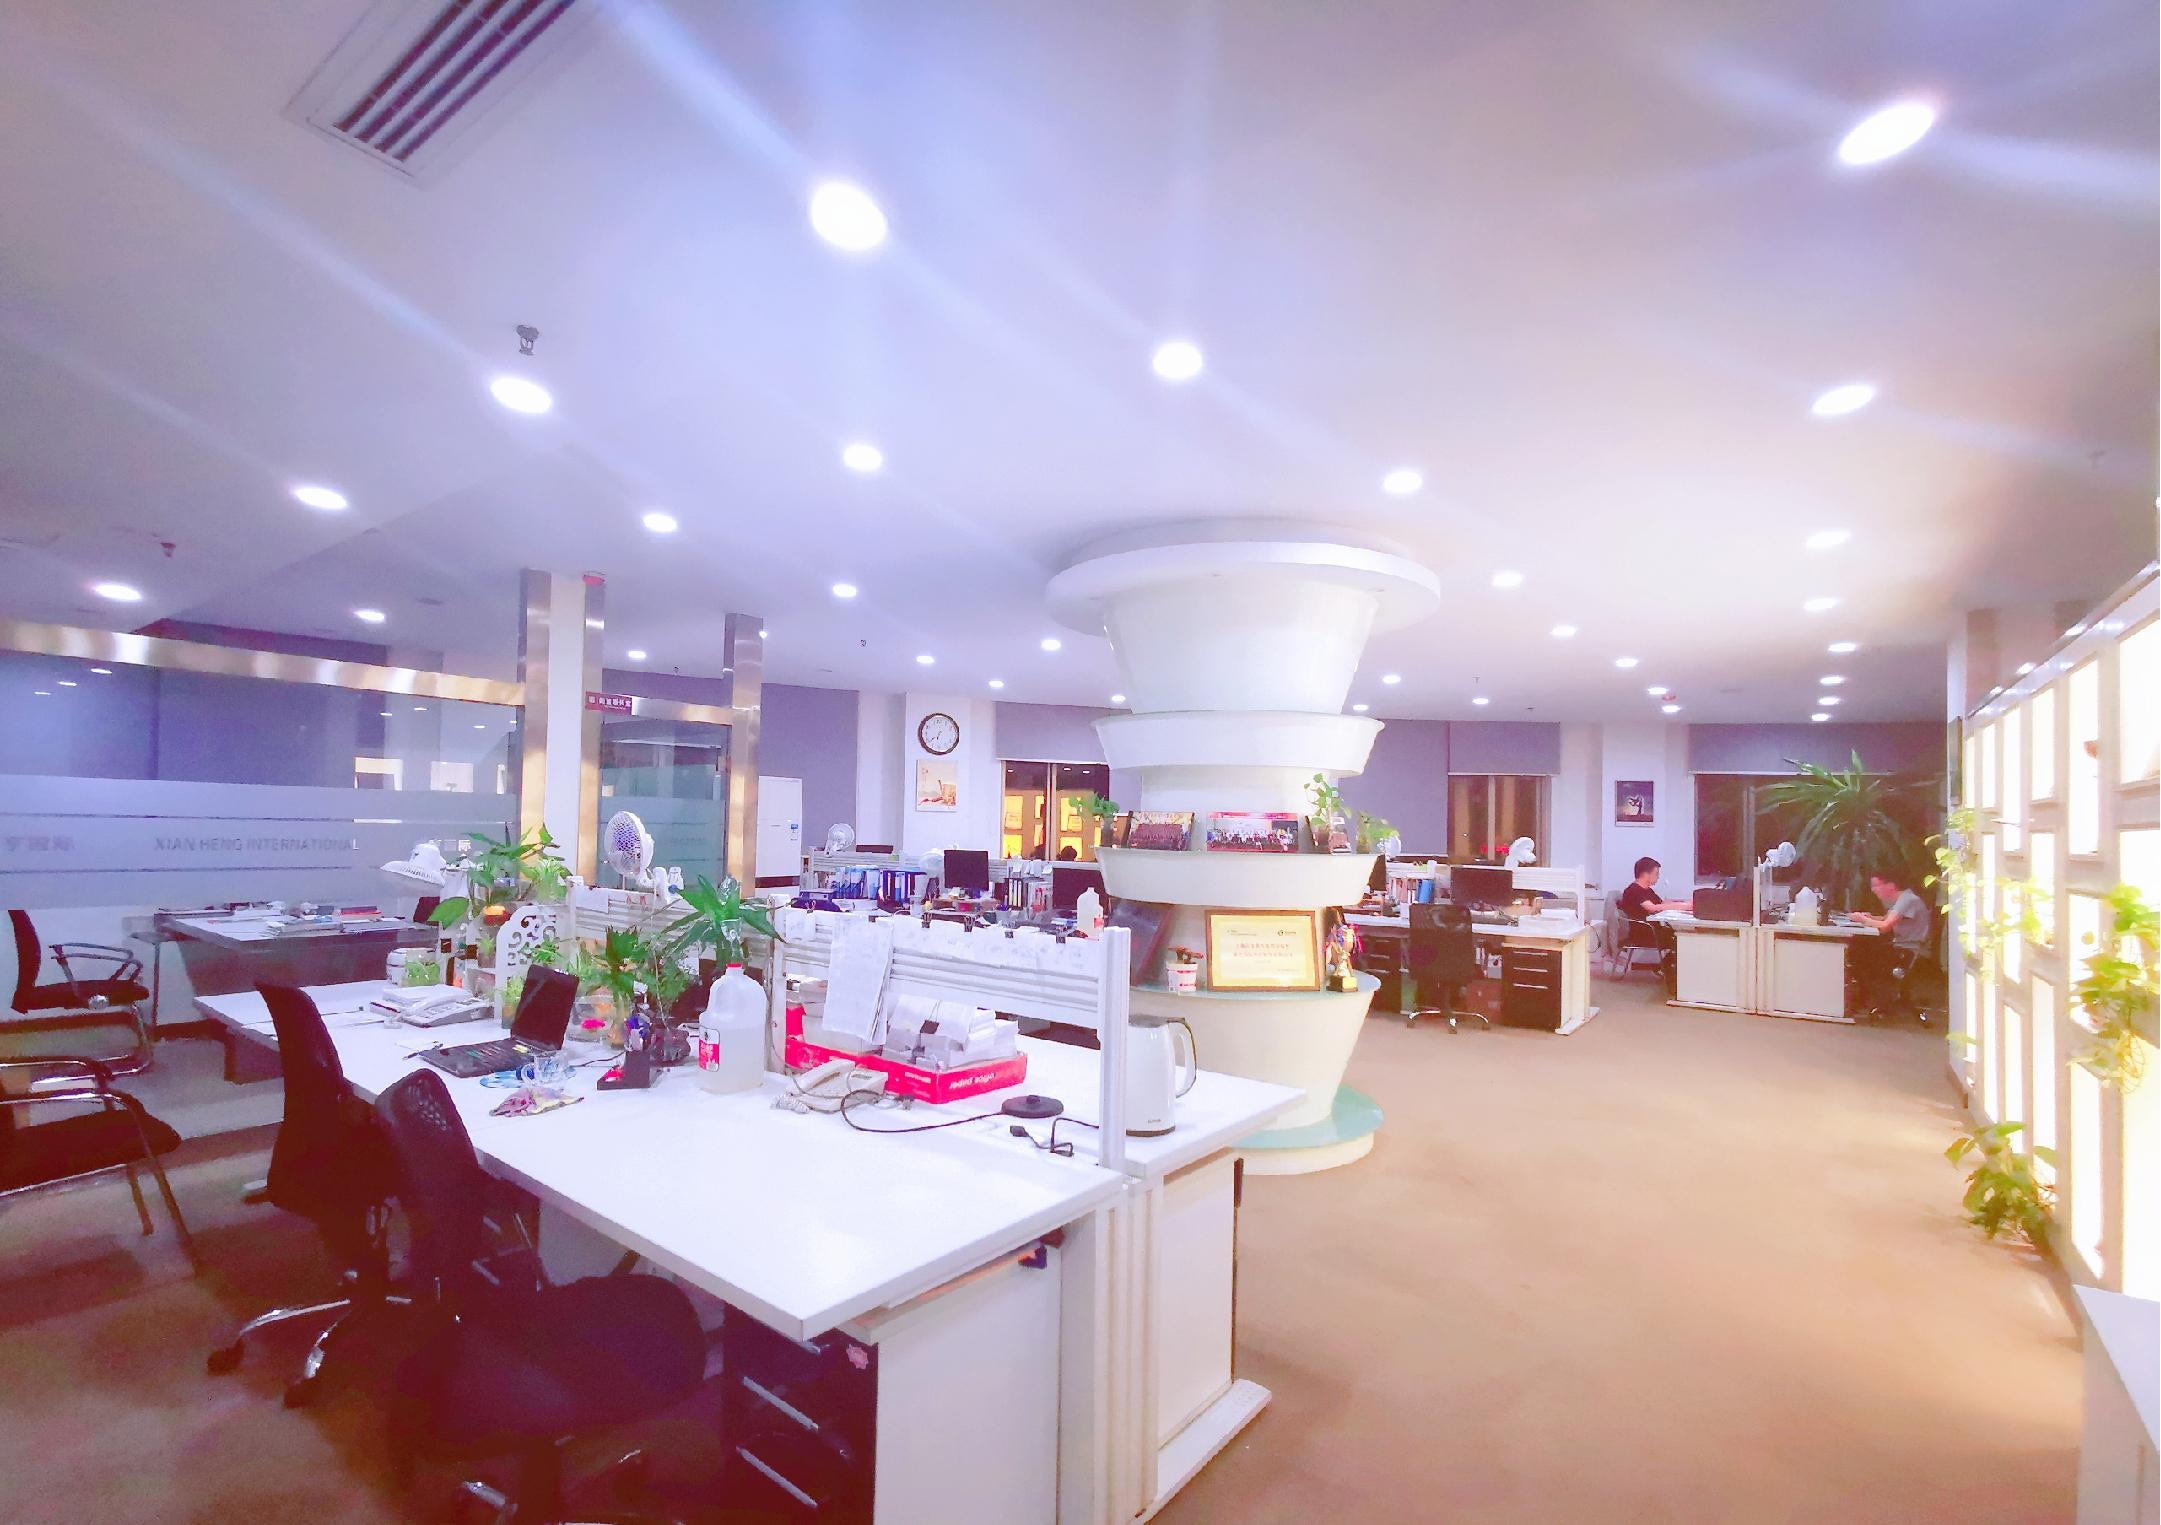 咸亨国际科技股份有限公司宣讲会